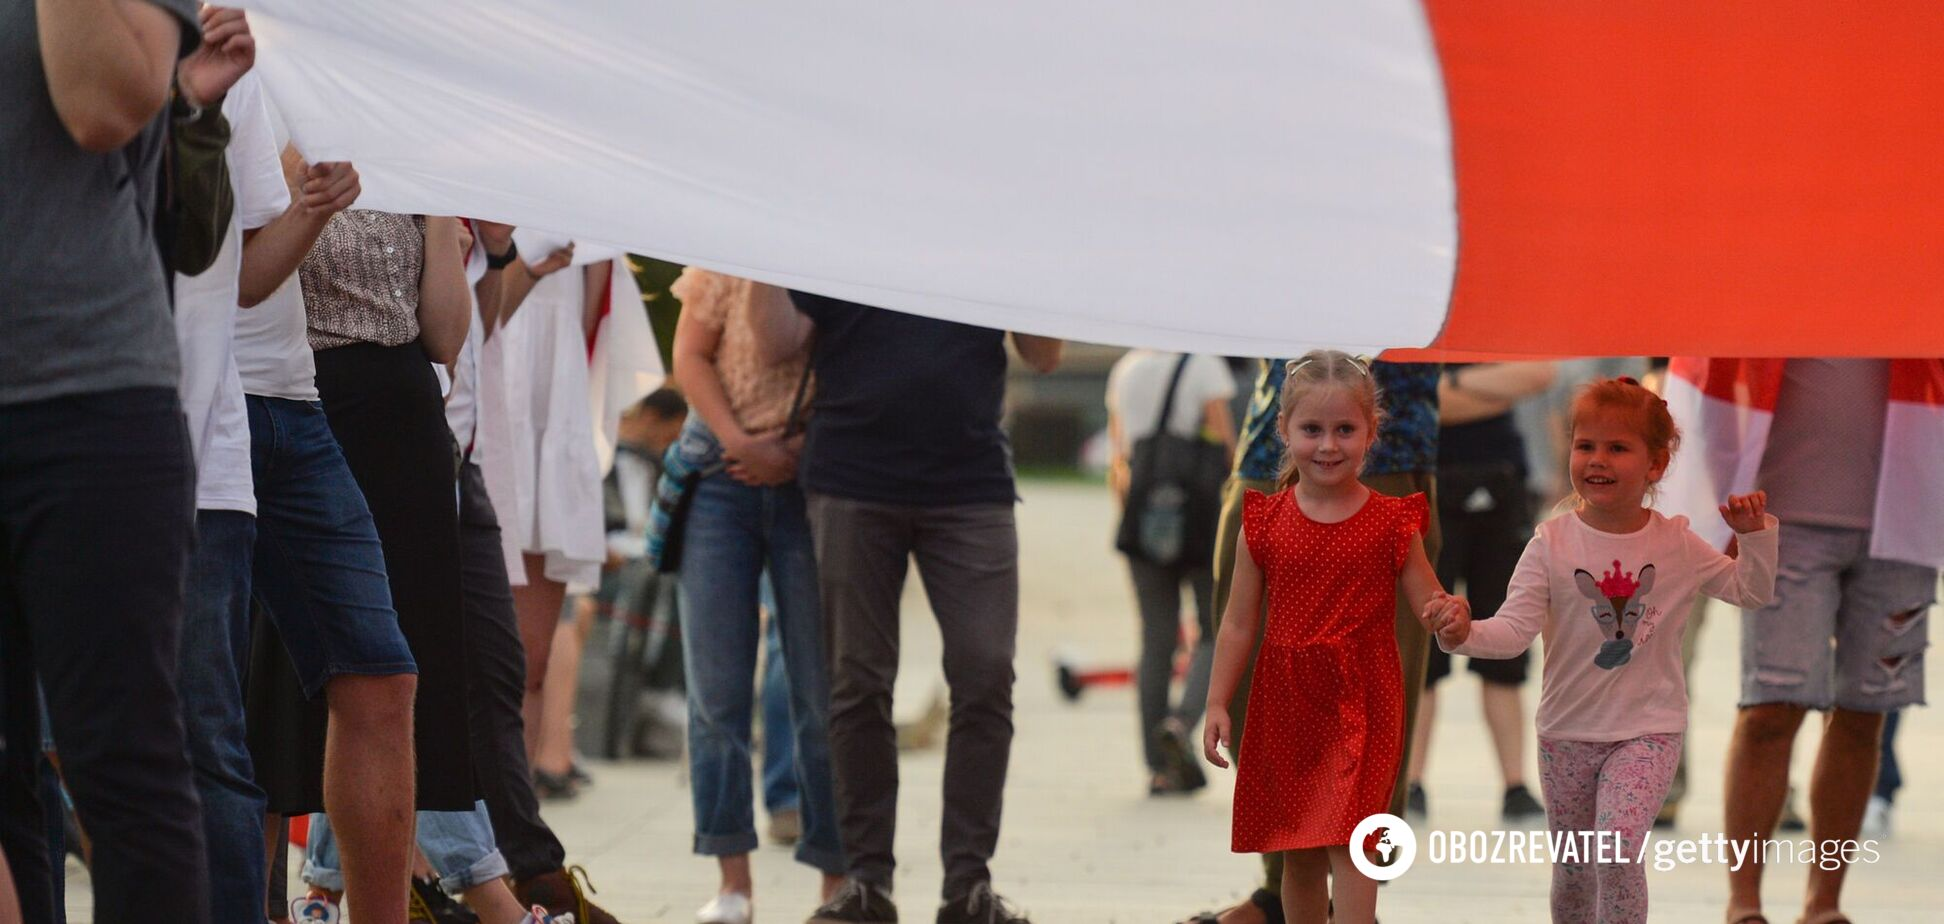 Разведка России обвинила США в организации протестов в Беларуси